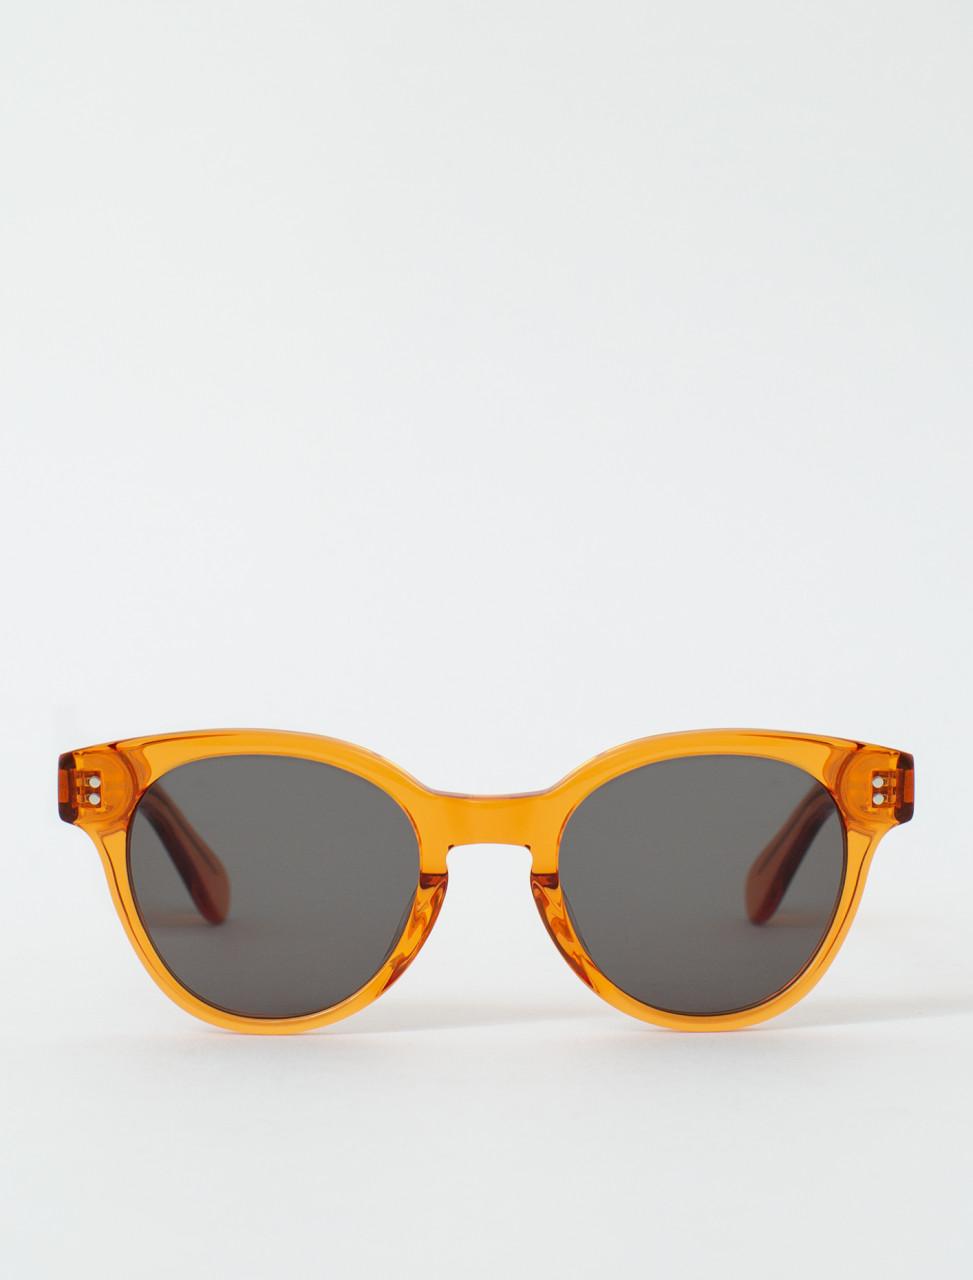 Akira Sunglasses